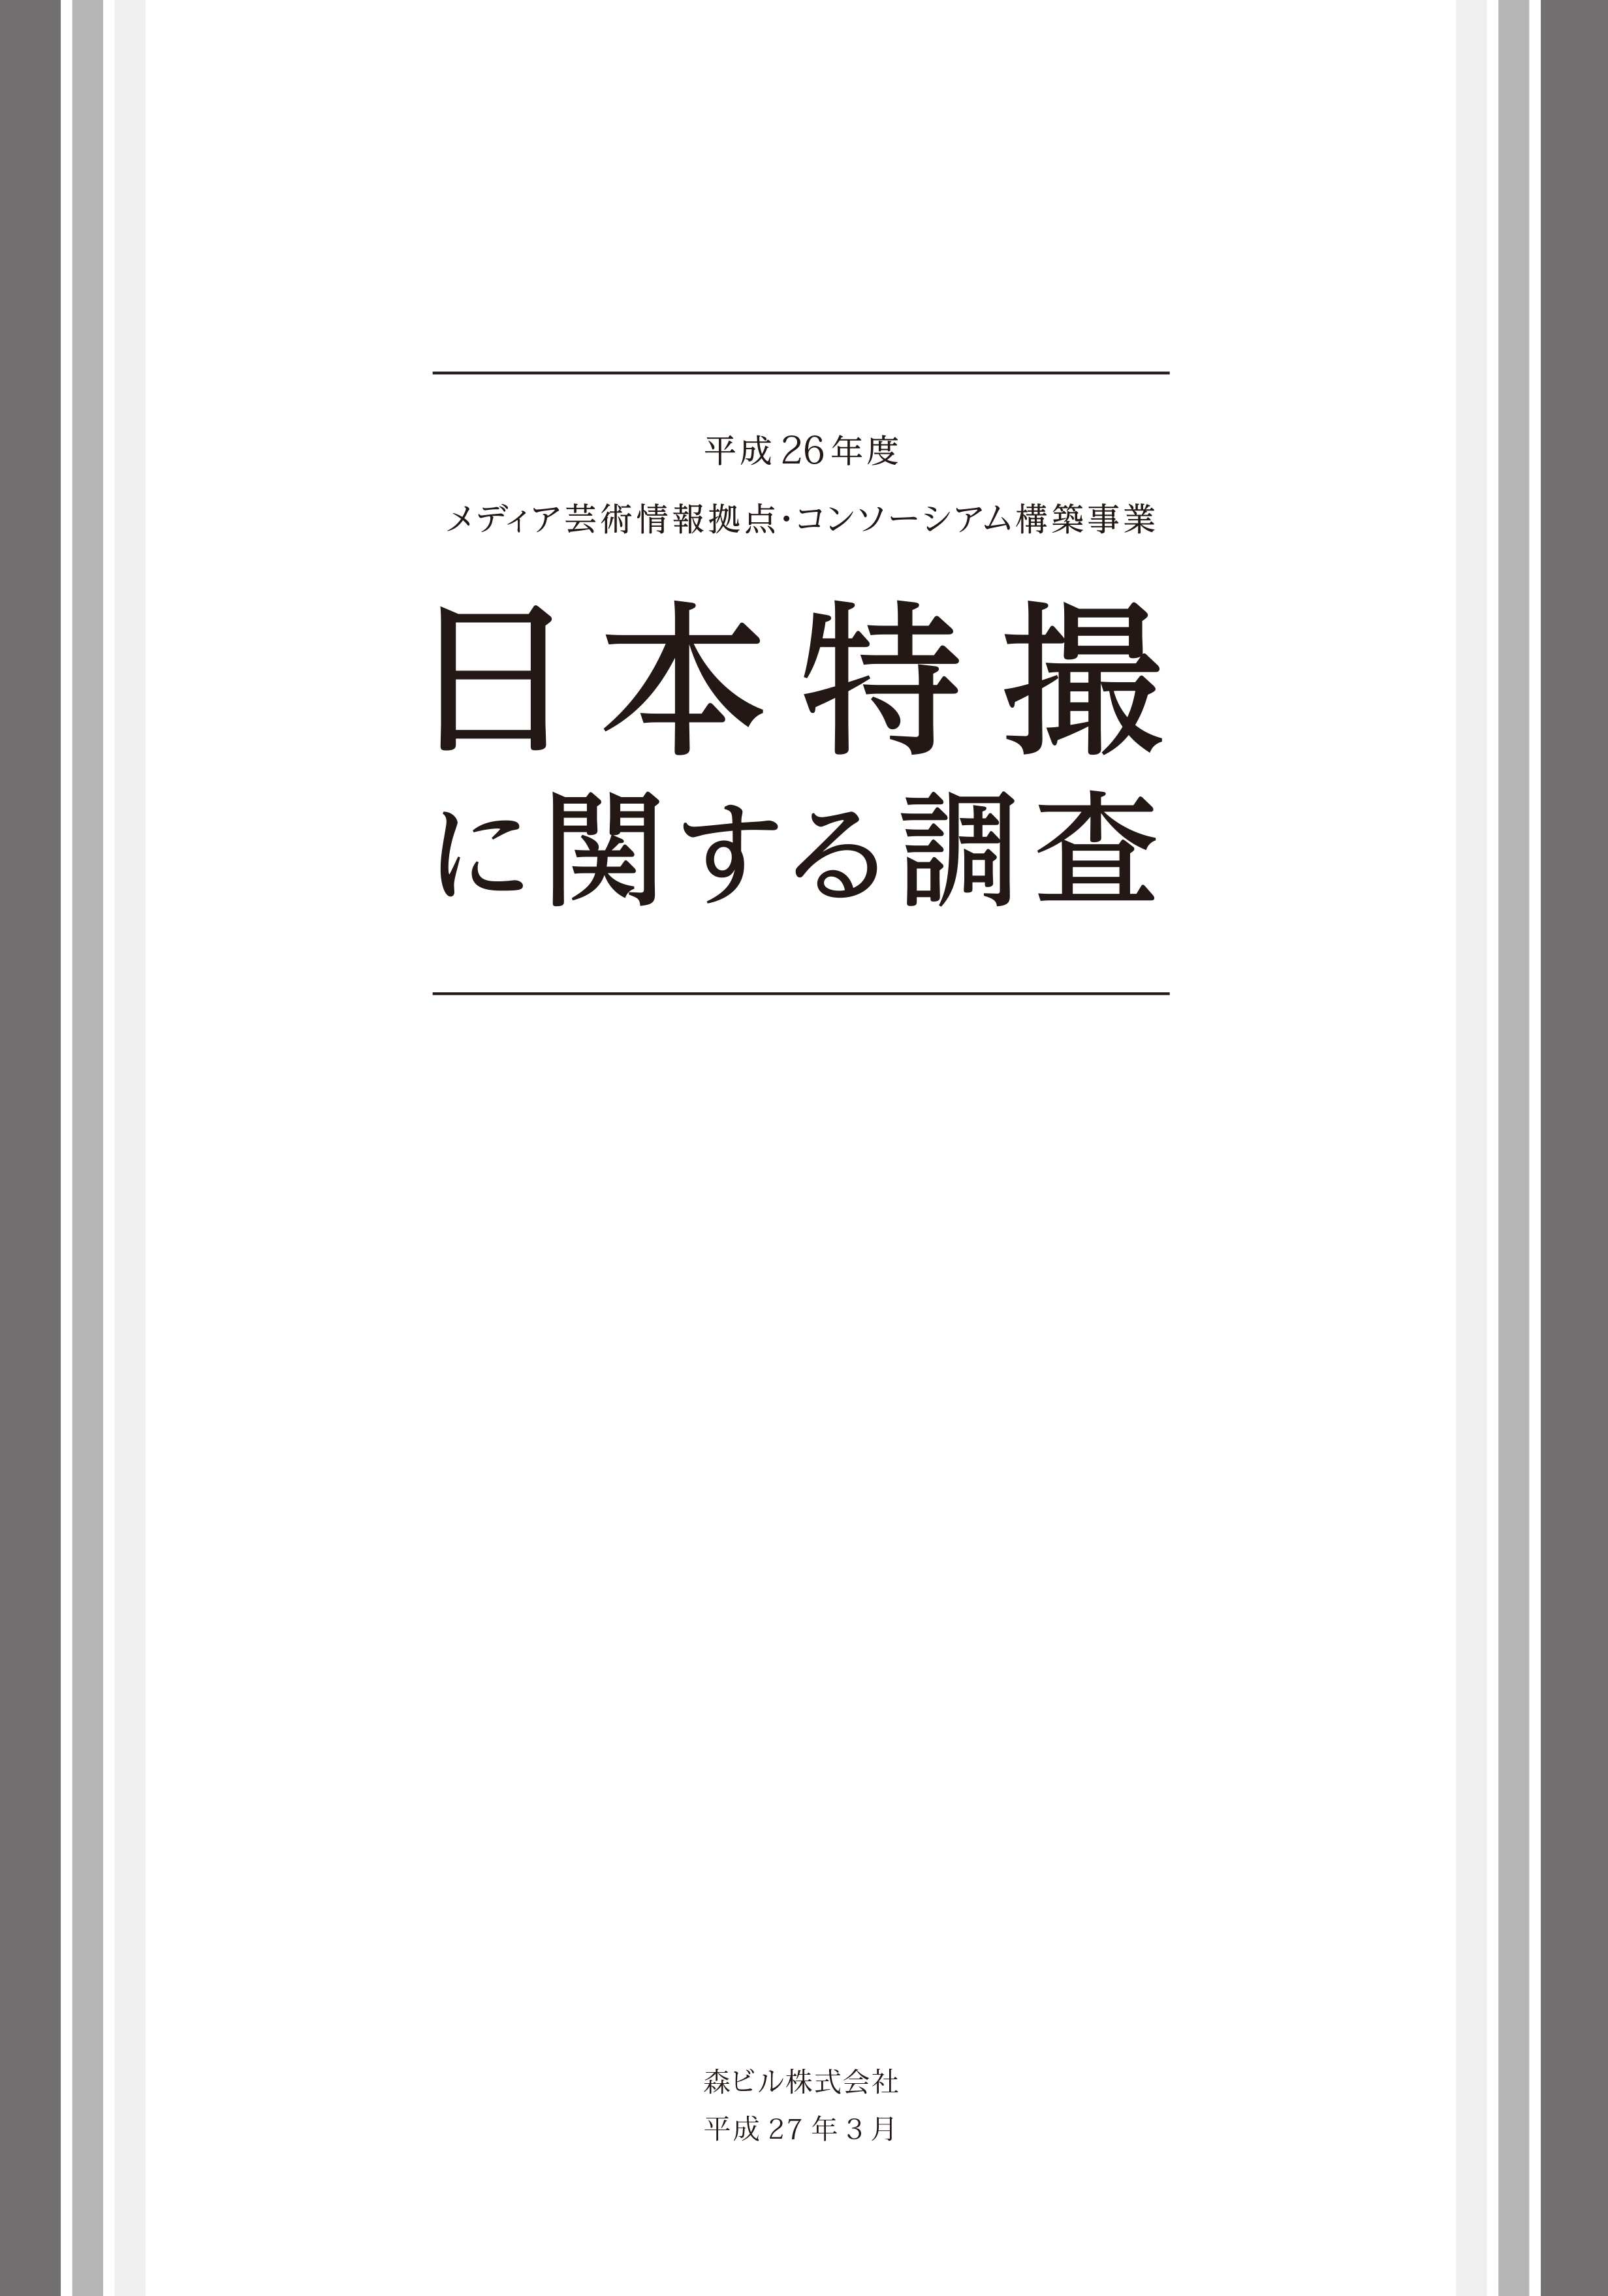 tokusatsu2015.jpg